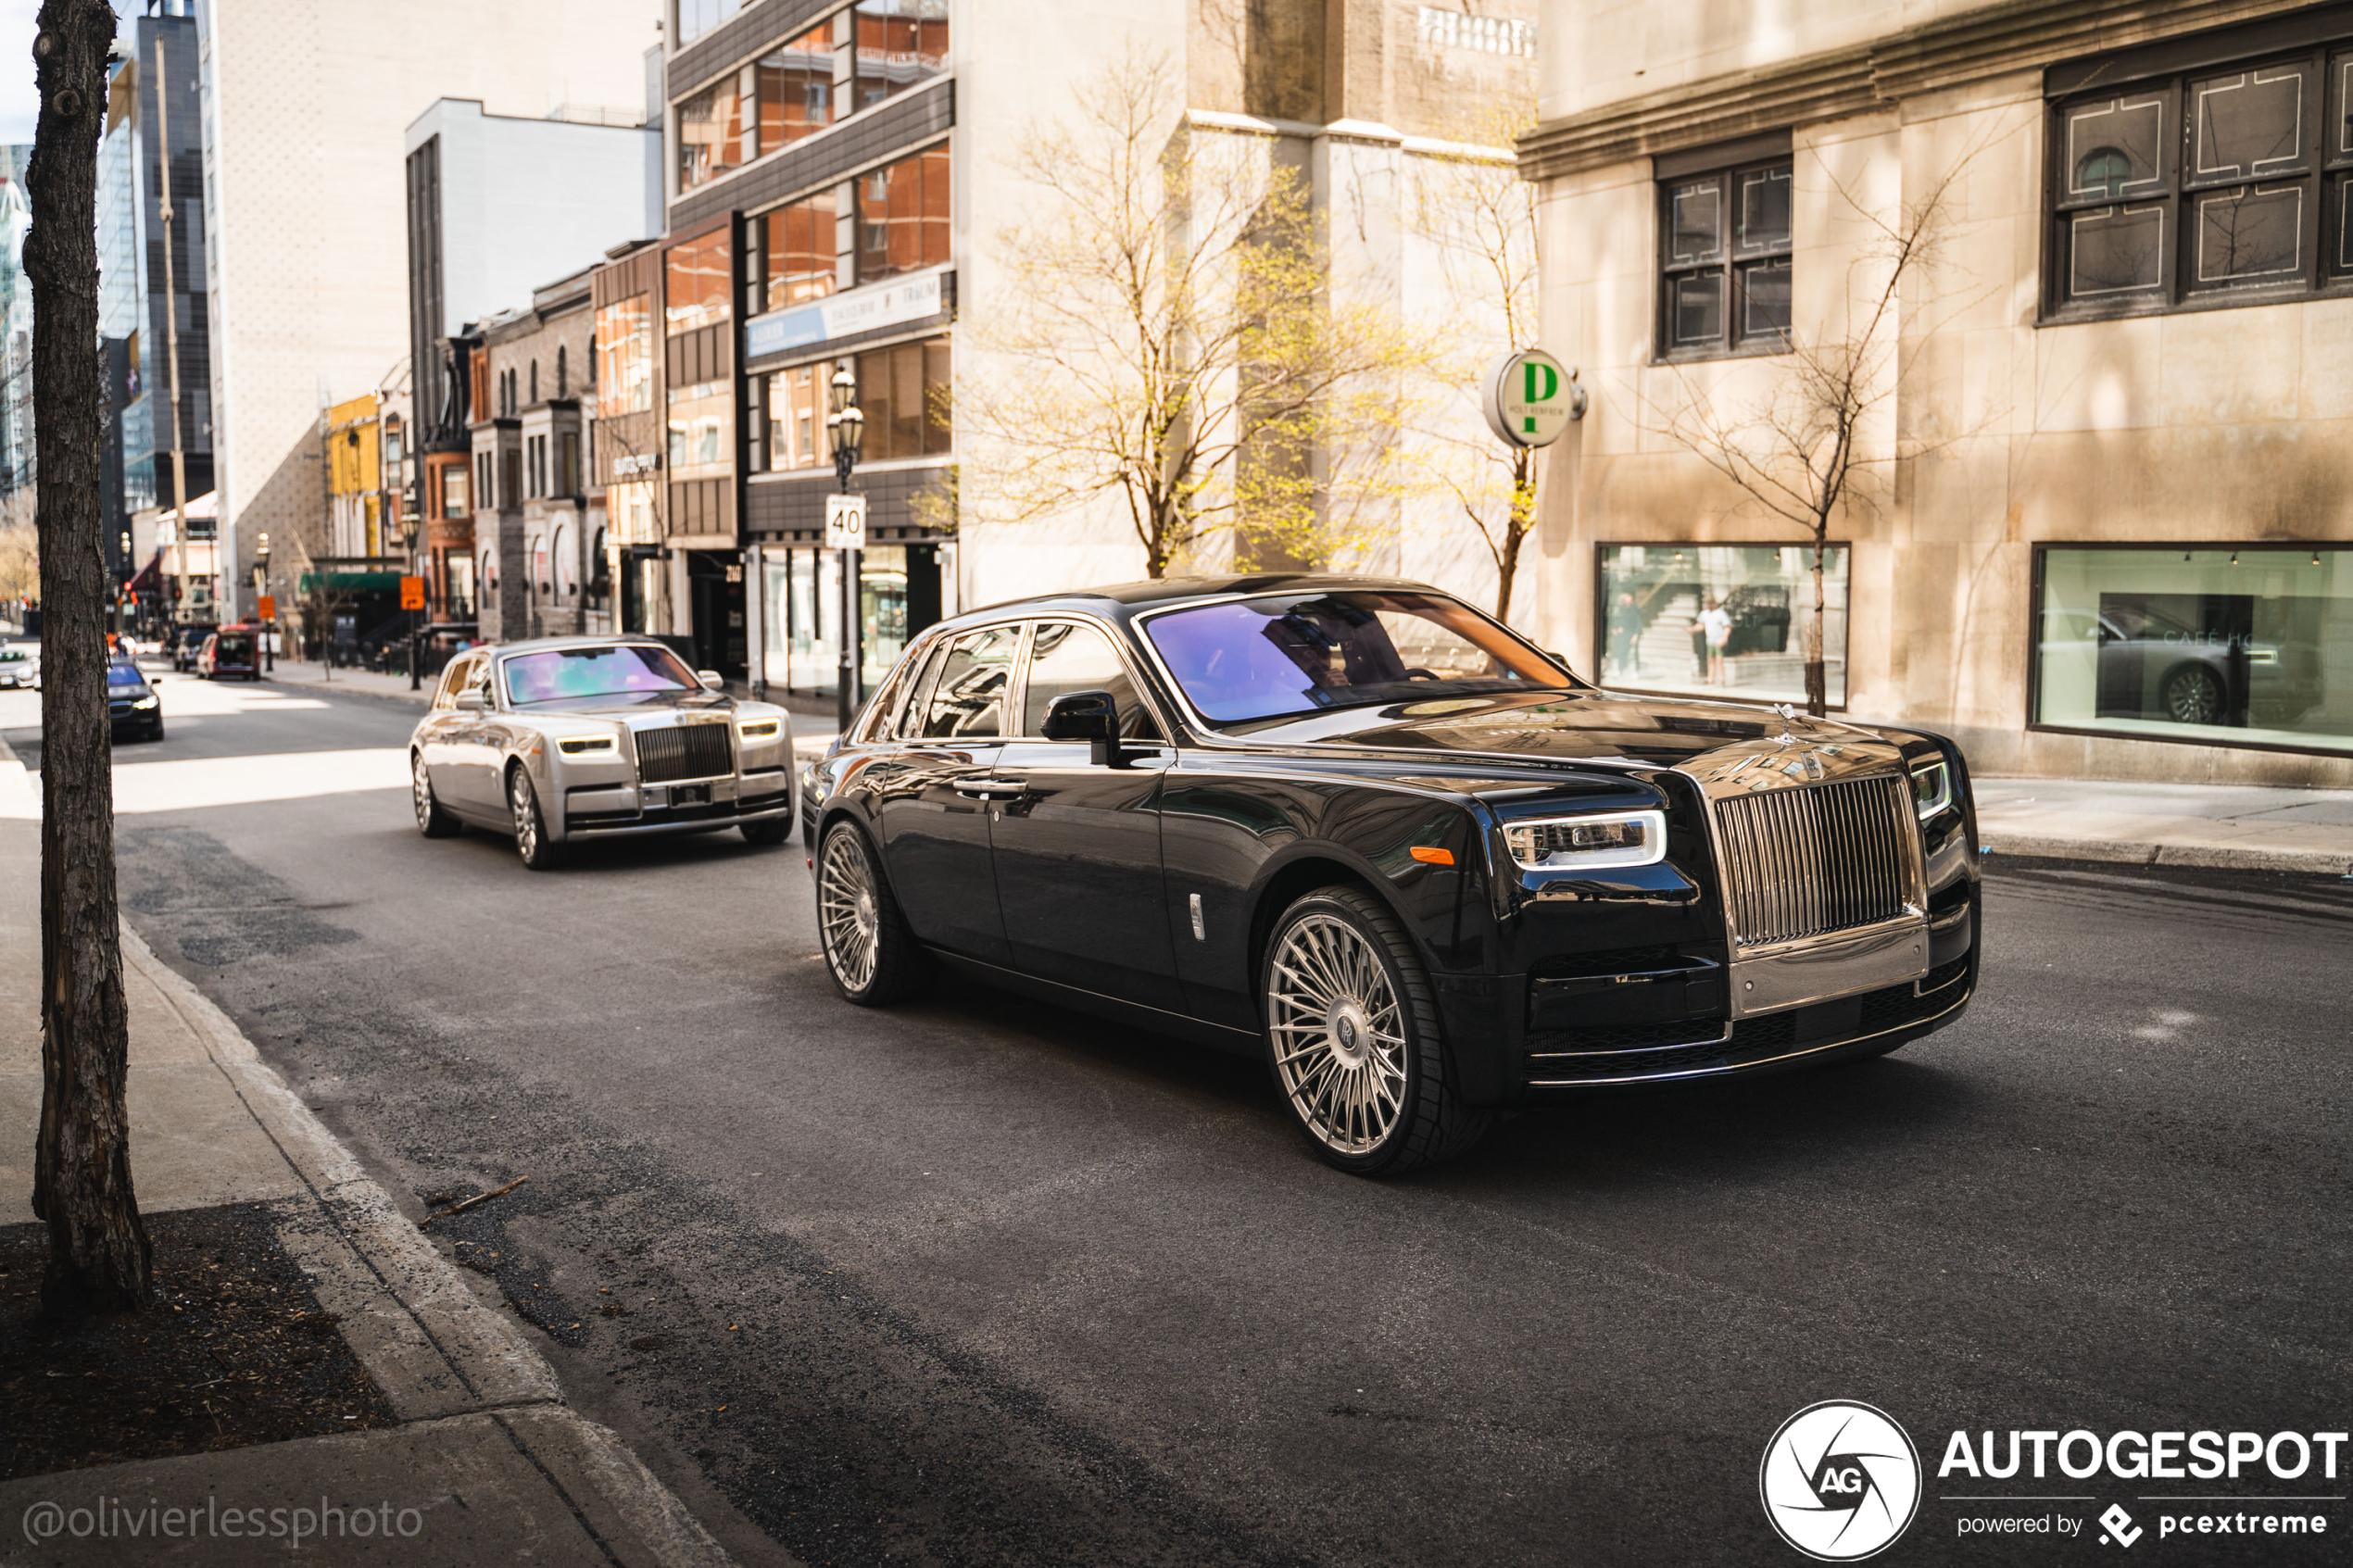 Rolls-Royce Phantom heeft behoorlijke sloffen